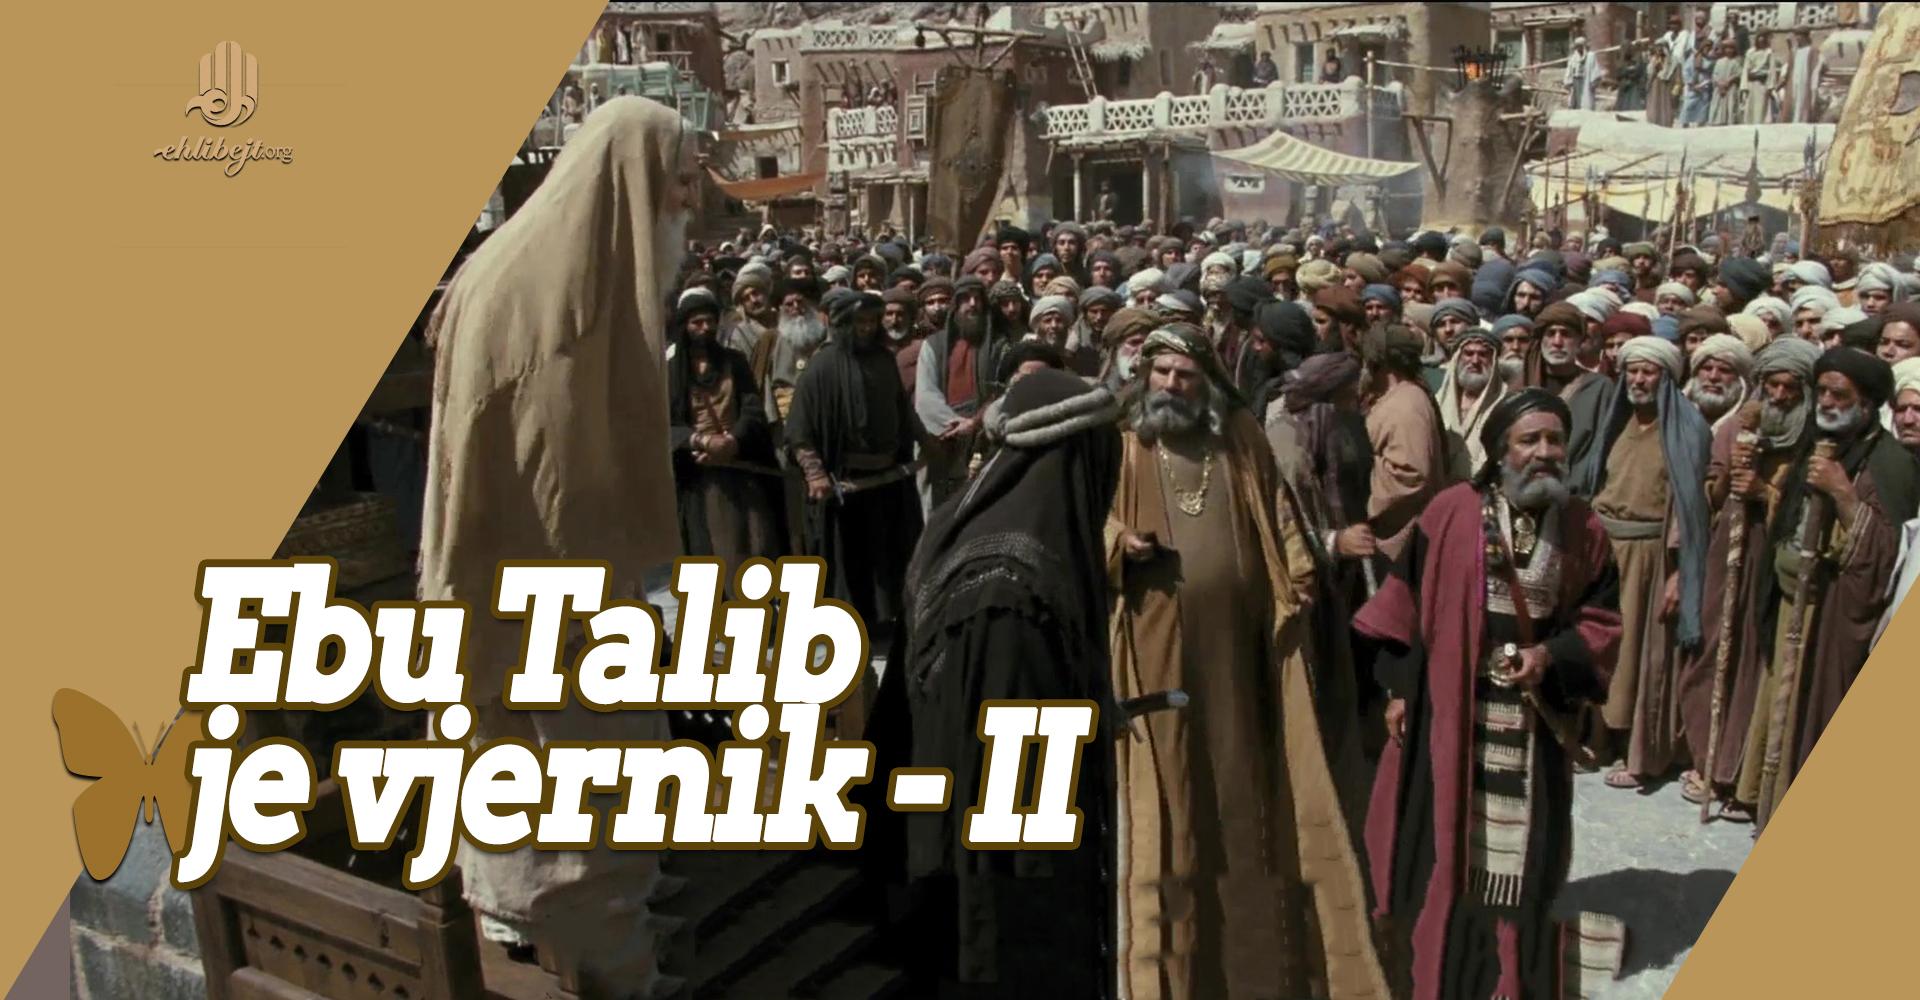 Potvrde i svjedočenja o vjerovanju Ebu Taliba, a.s. (II)